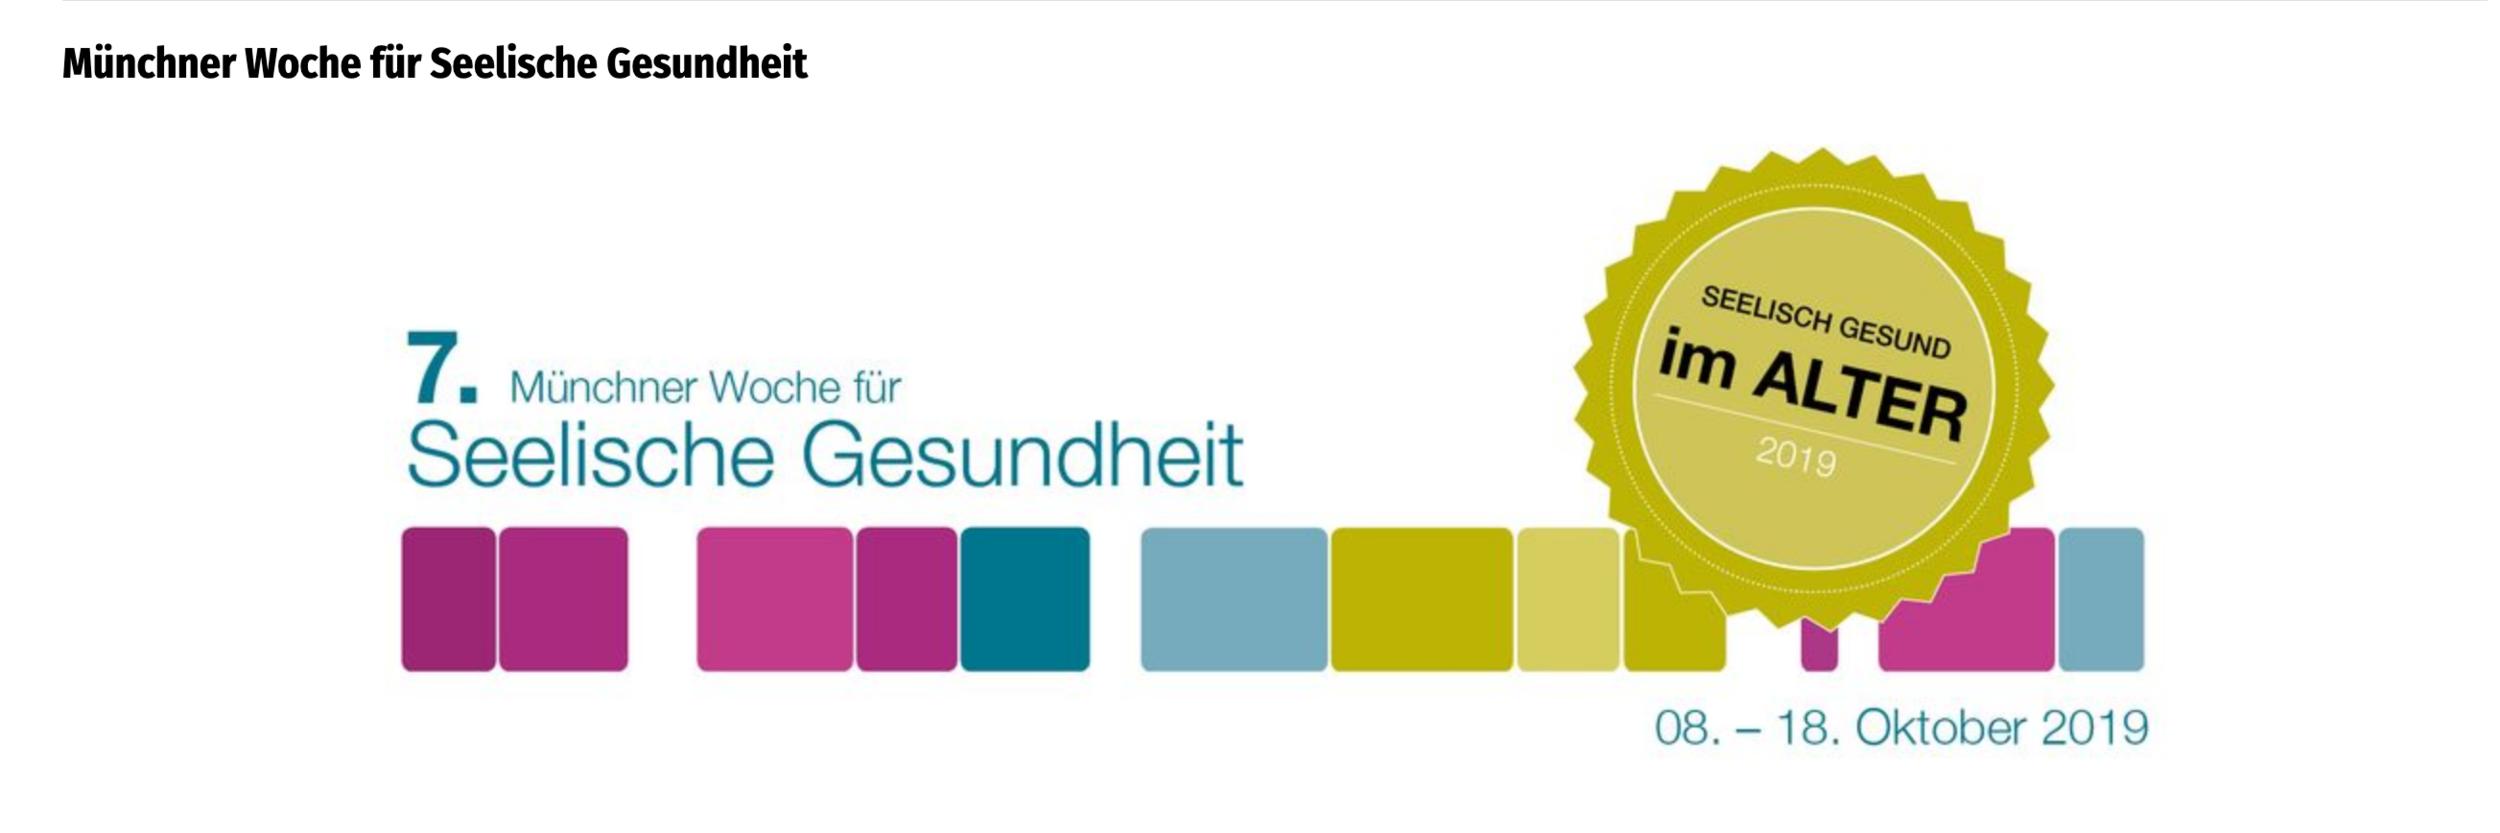 Header der Webseite zur Münchner Woche der Seelischen Gesundheit